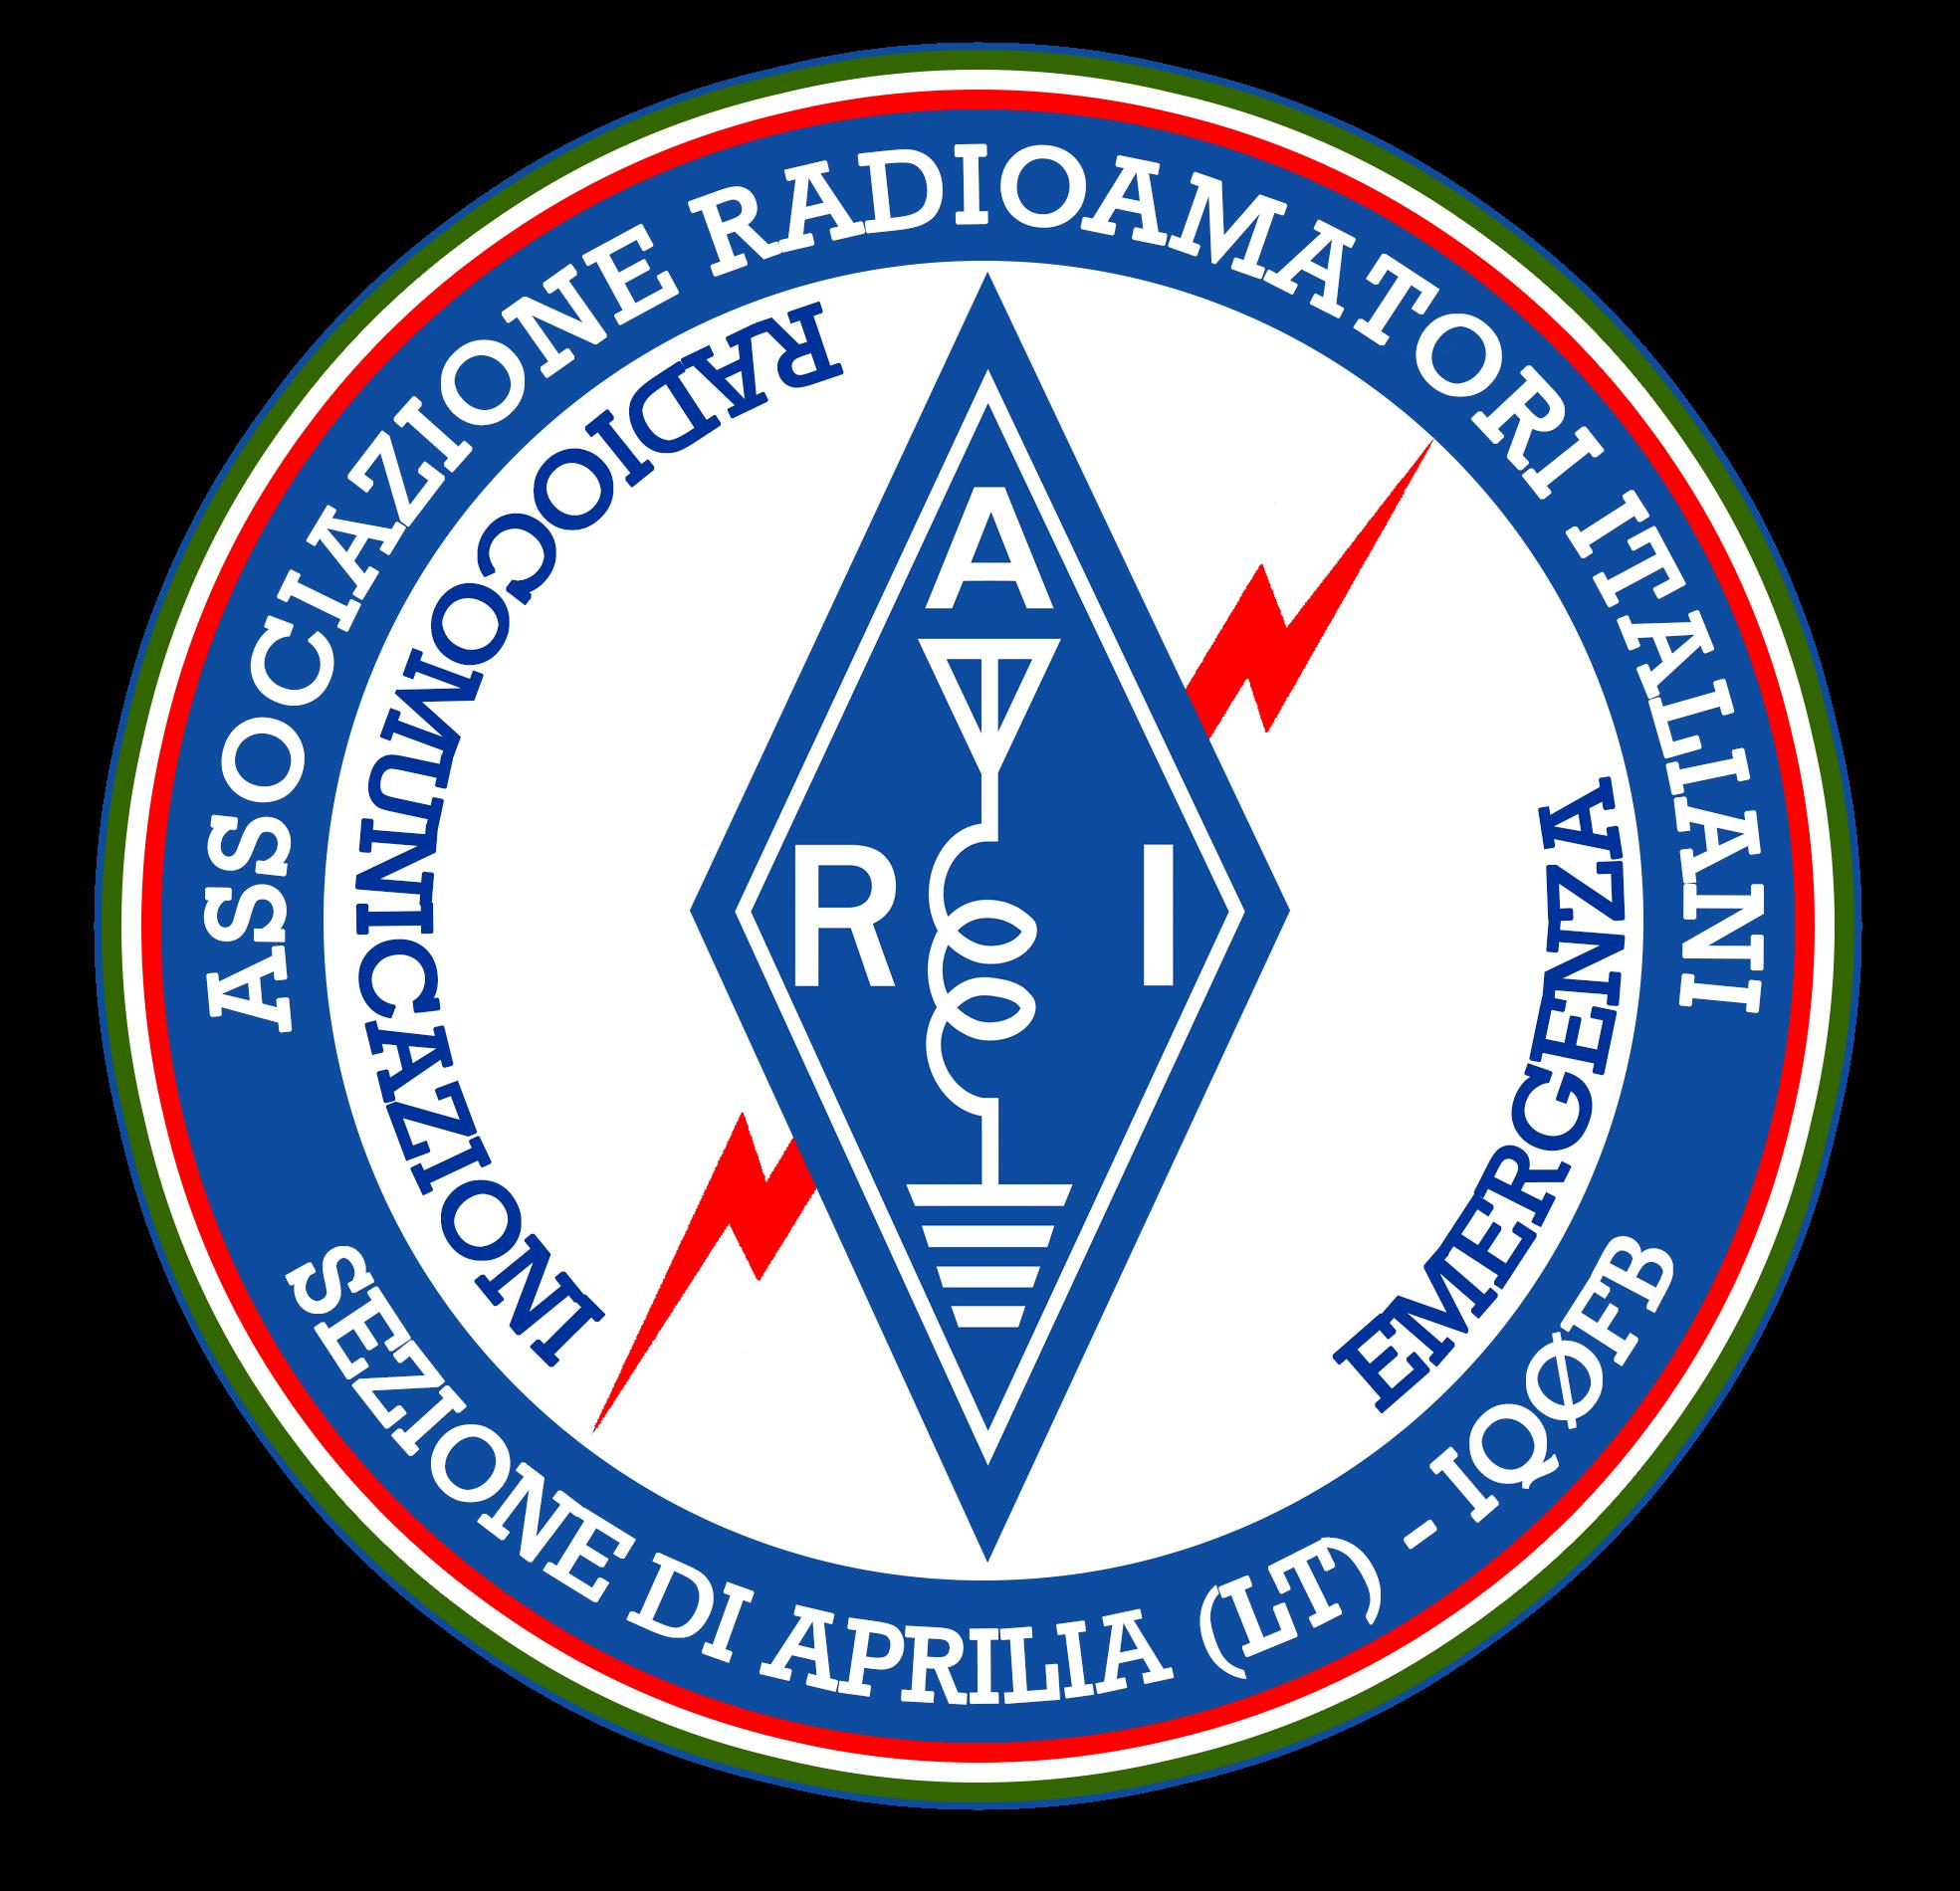 WWW.ARIAPRILIA.IT - ASSOCIAZIONE RADIOAMATORI ITALIANI SEZIONE DI APRILIA